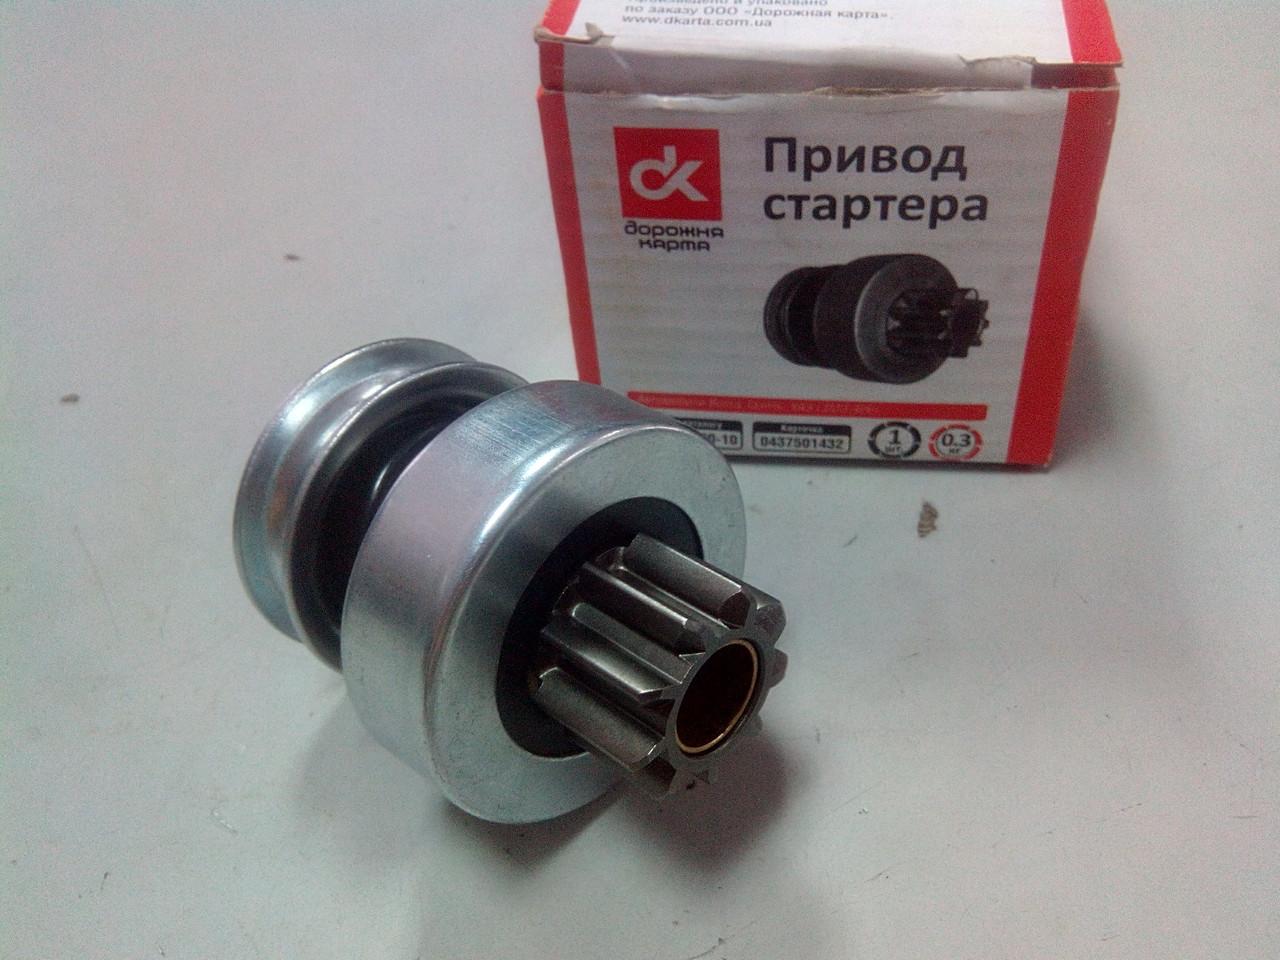 Привод старт. ГАЗ 3102, -31029  (406 двиг.) ДК